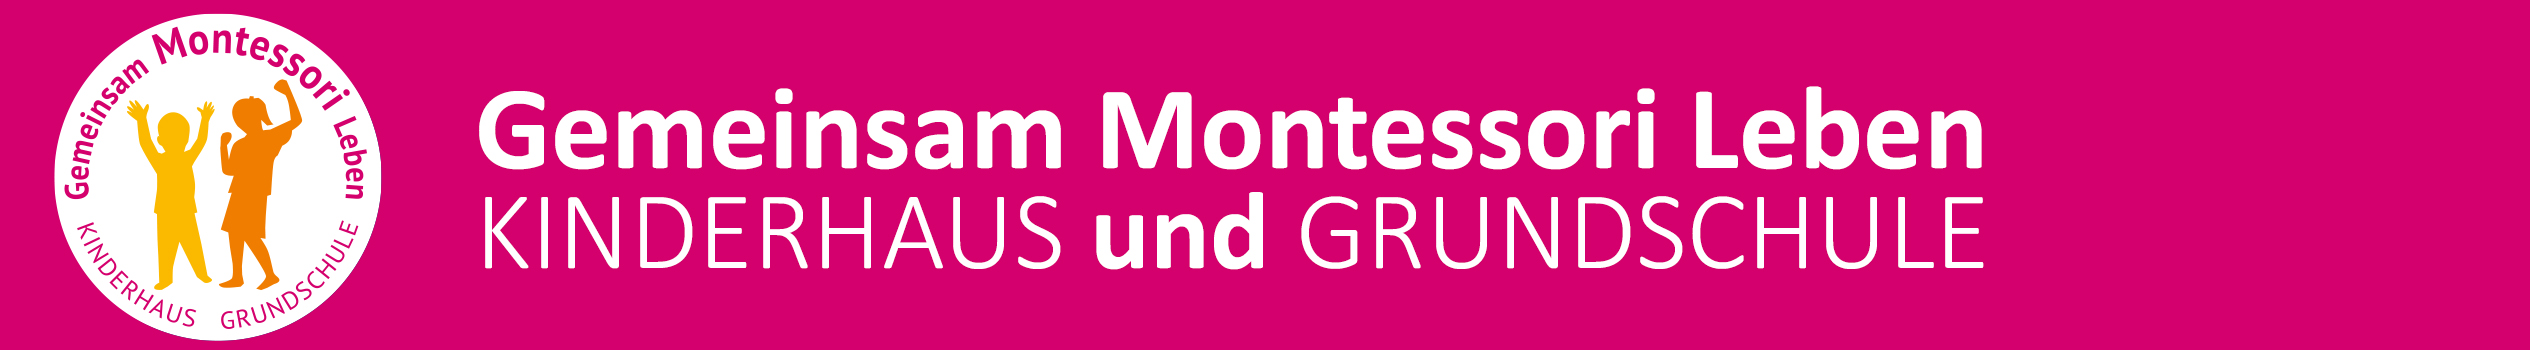 Montessori Kinderhaus und Grundschule Friedrichsdorf